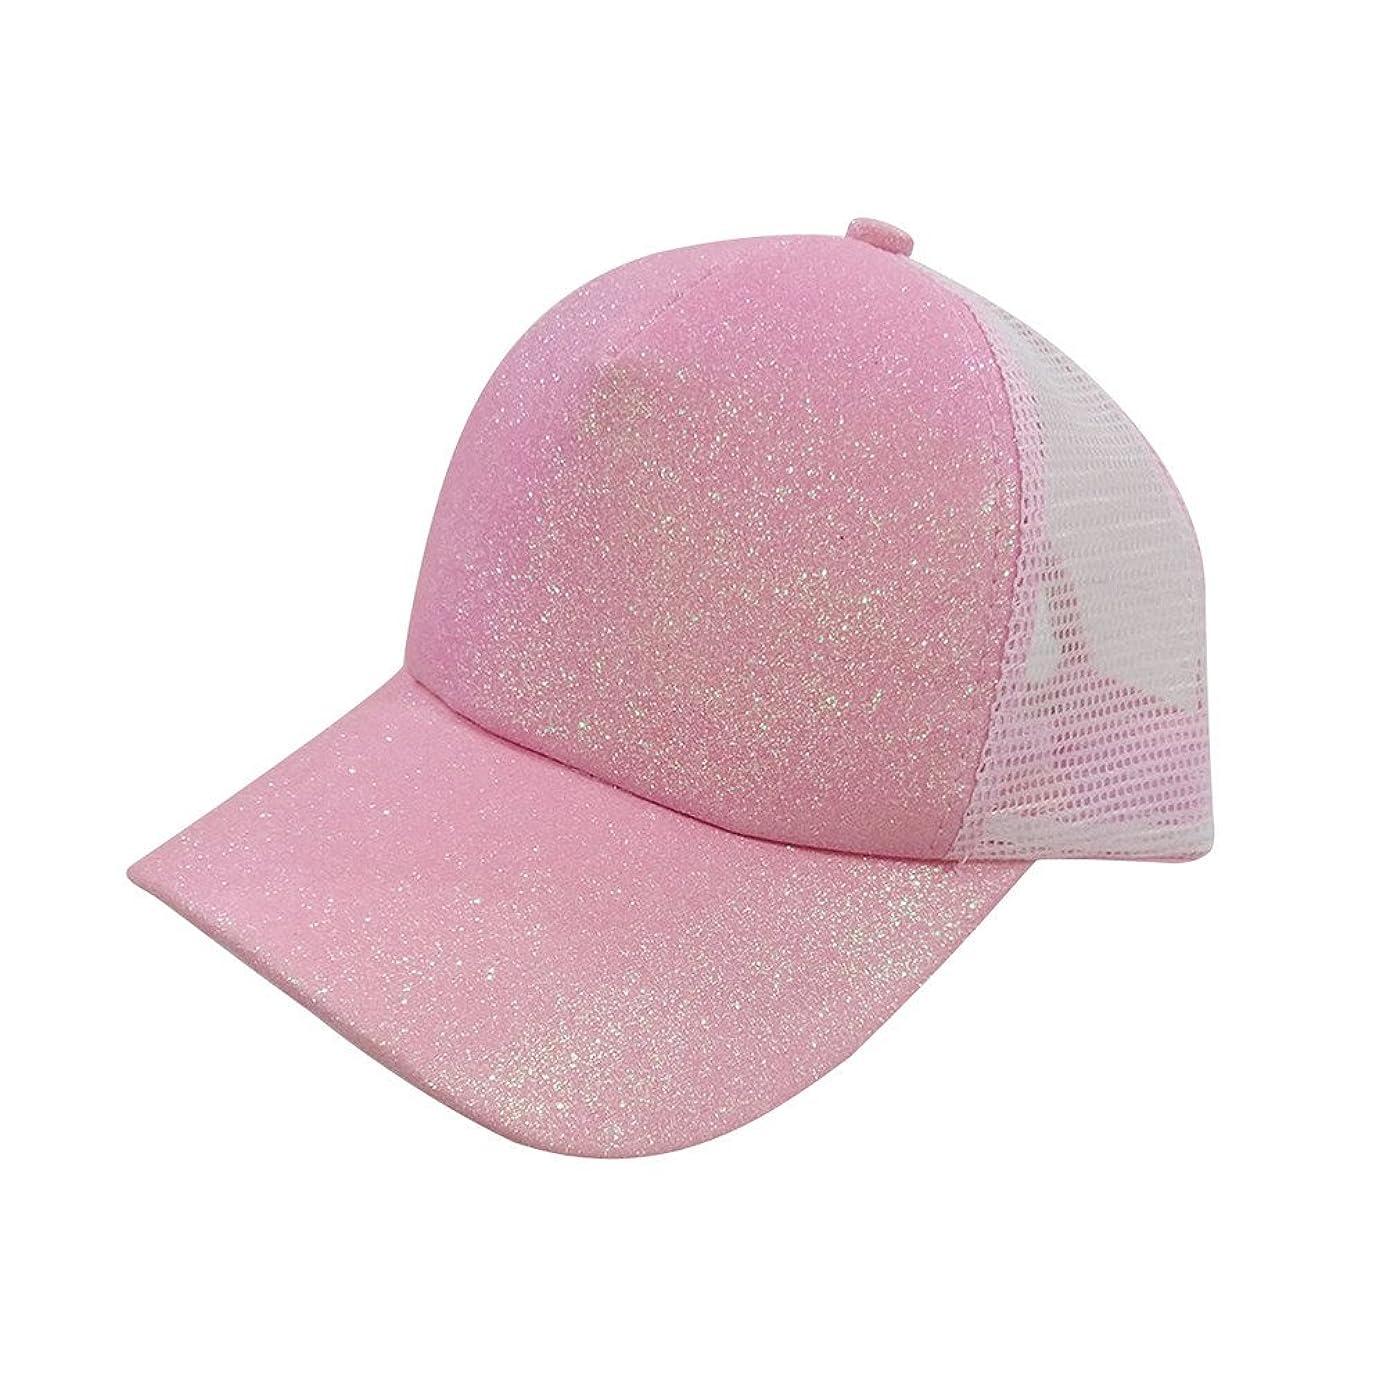 モッキンバード緊張する因子Racazing Cap スパンコール 無地 メッシュ 野球帽 通気性のある ヒップホップ 帽子 夏 登山 可調整可能 棒球帽 男女兼用 UV 帽子 軽量 屋外 Unisex Cap (ピンク)